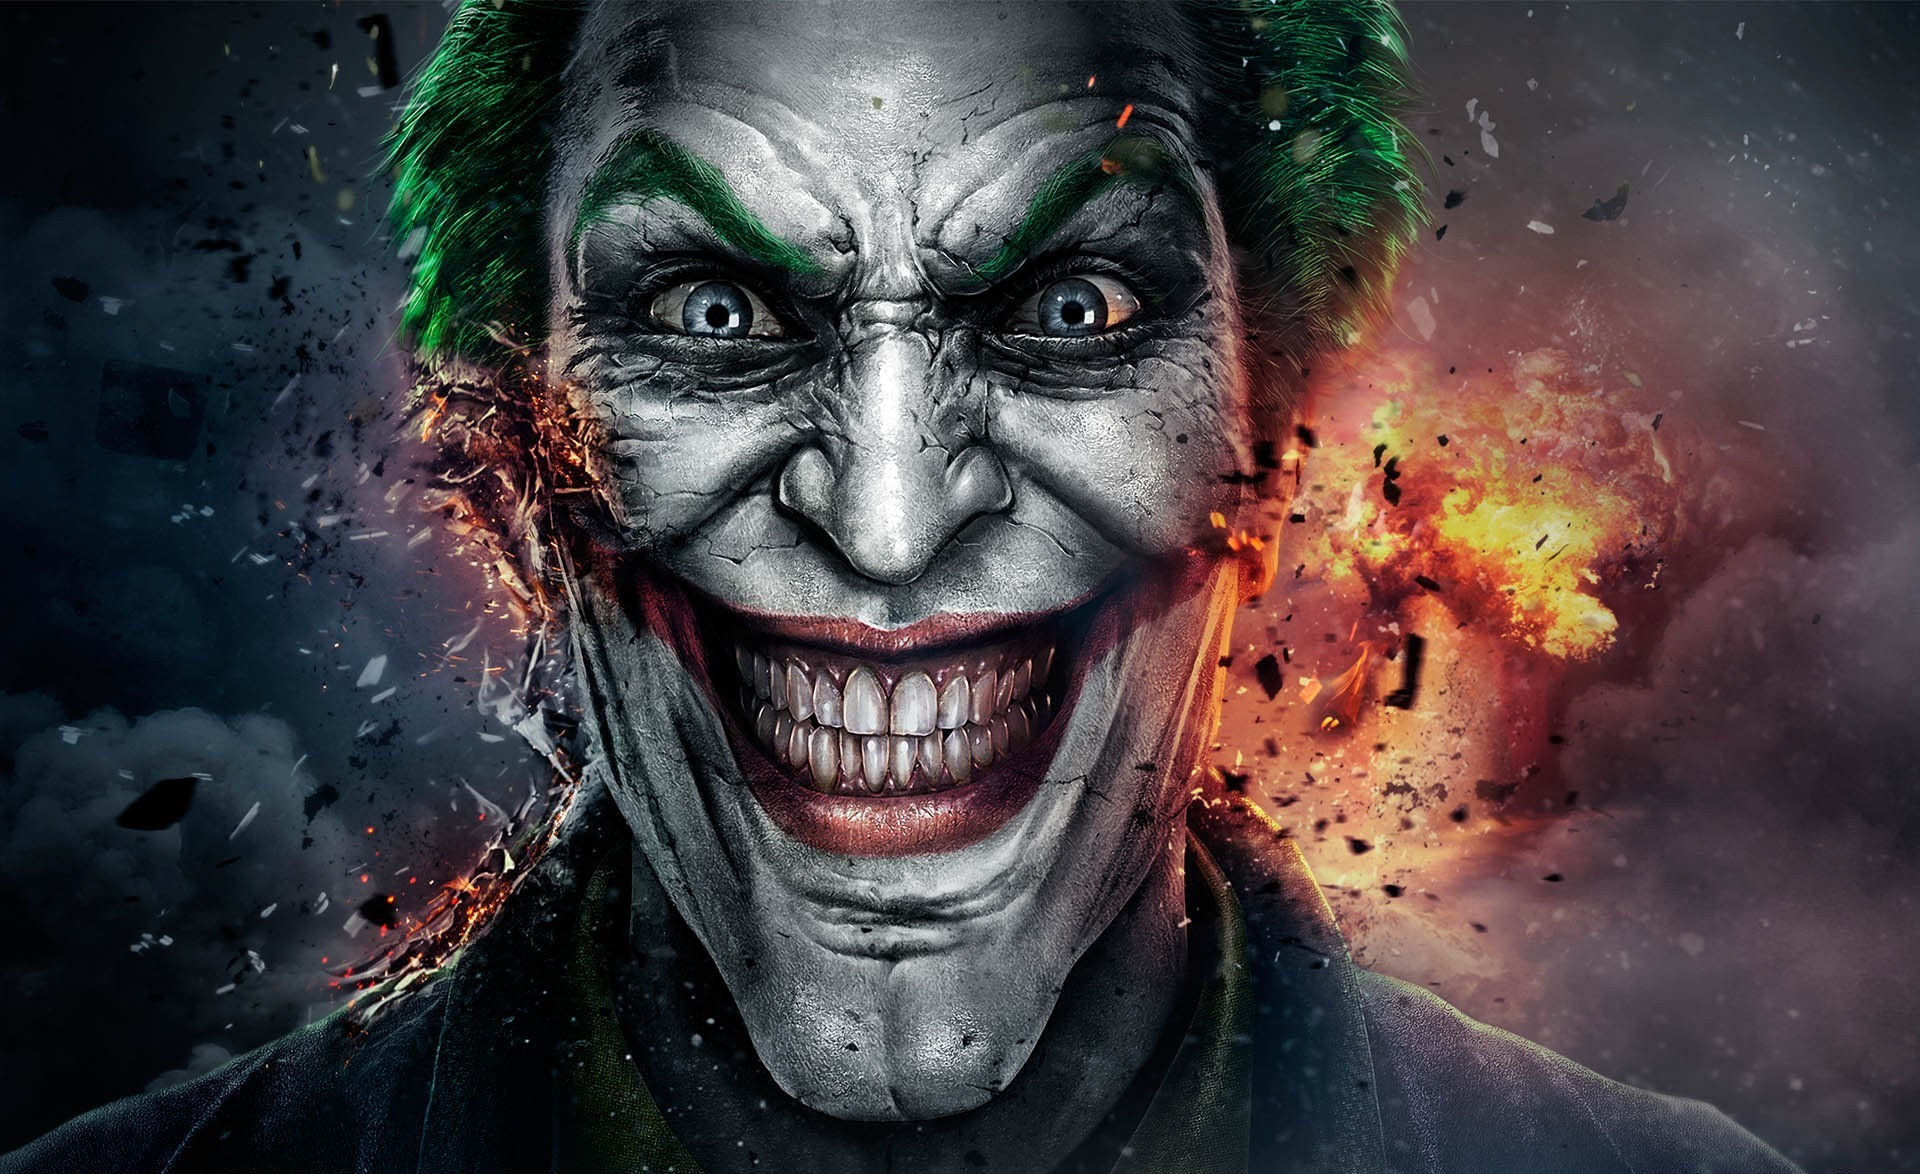 The Joker Wallpaper 1920x1174